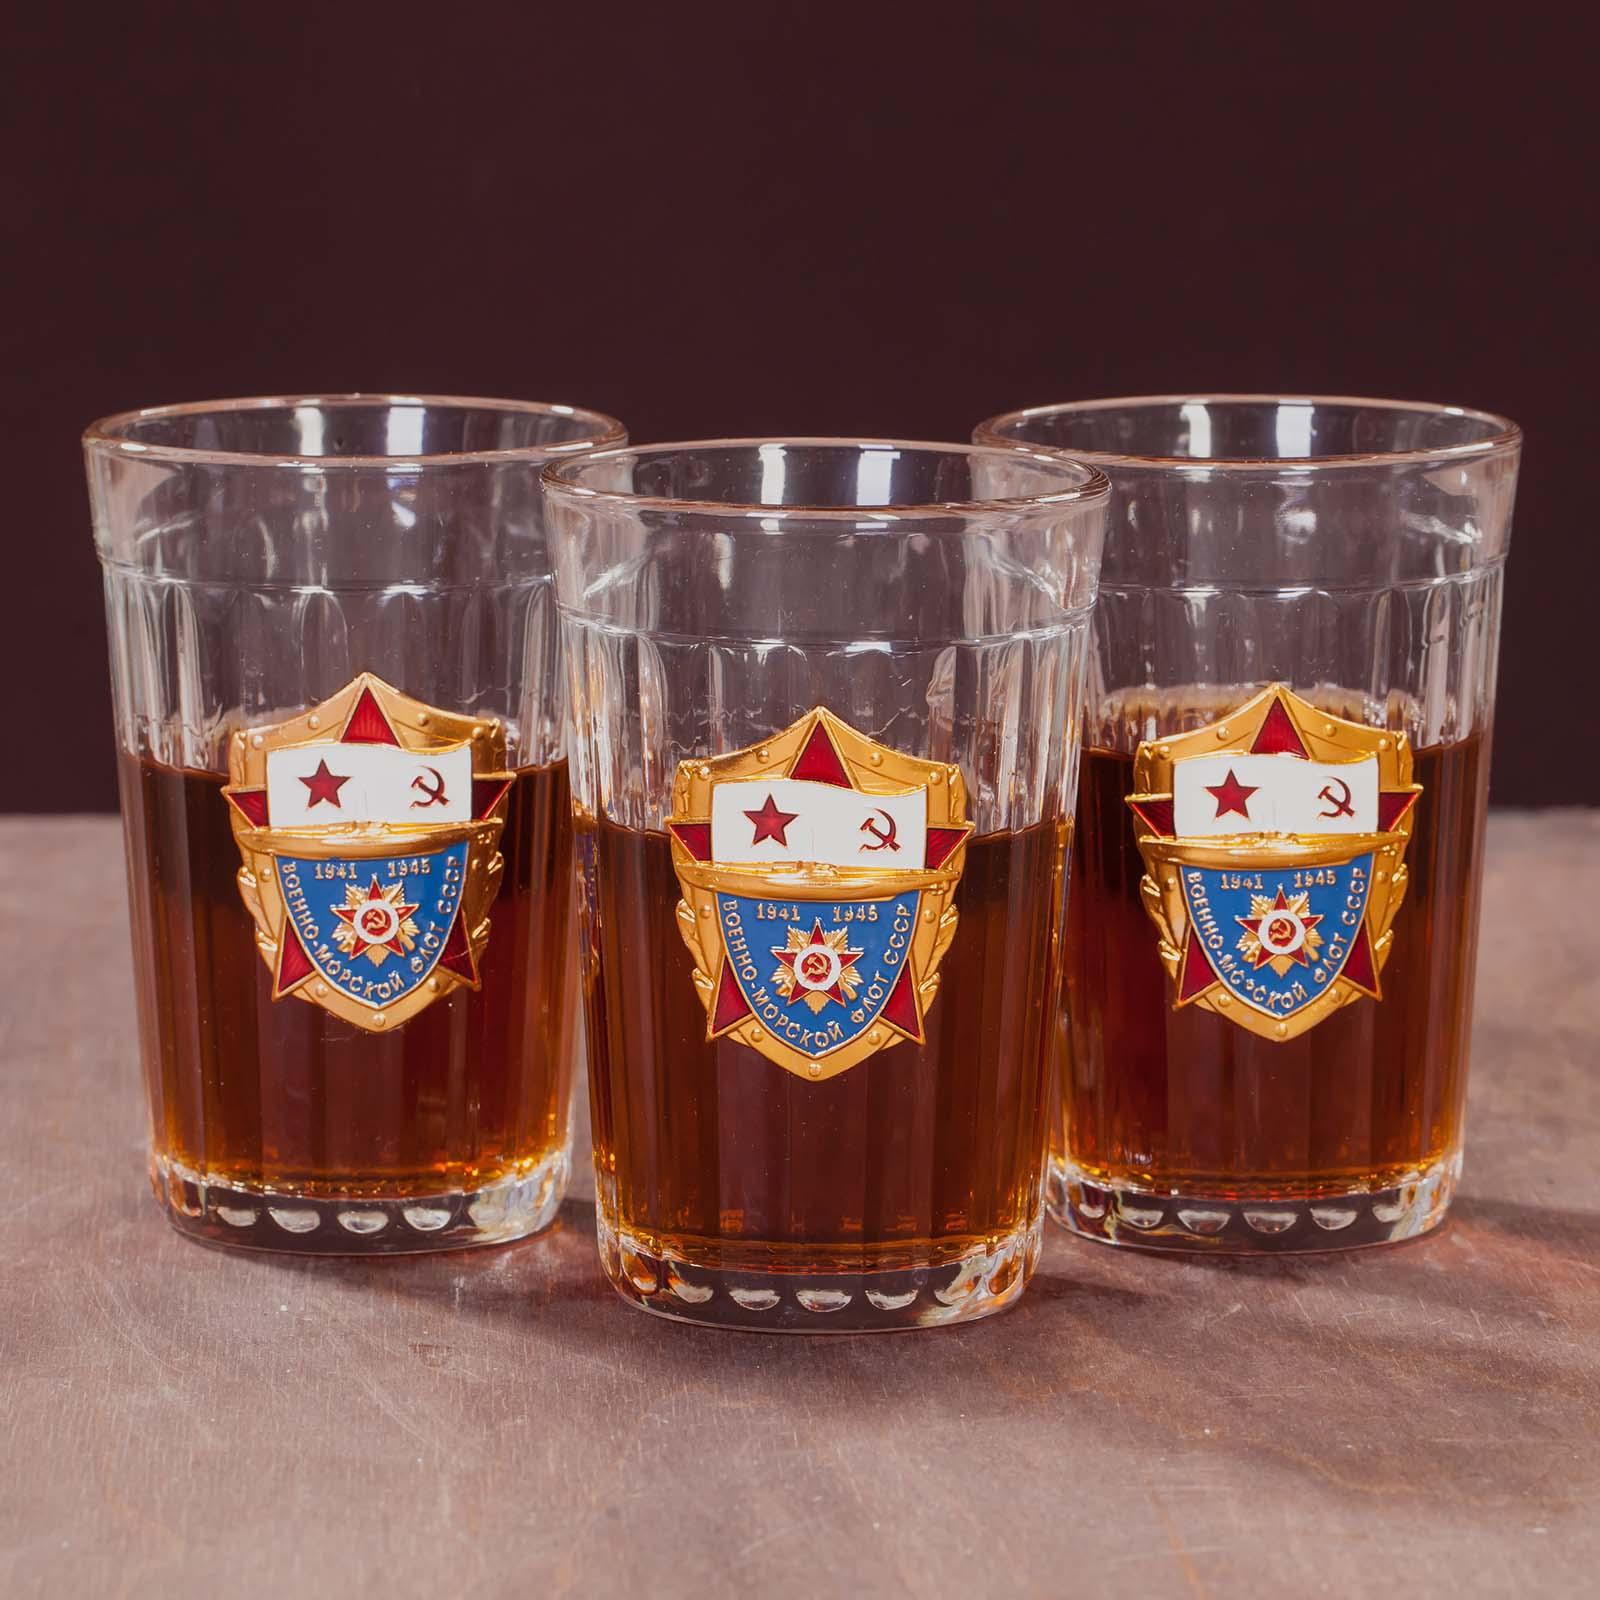 Гранёные стаканы в подарочном наборе ВМФ СССР по лучшей цене